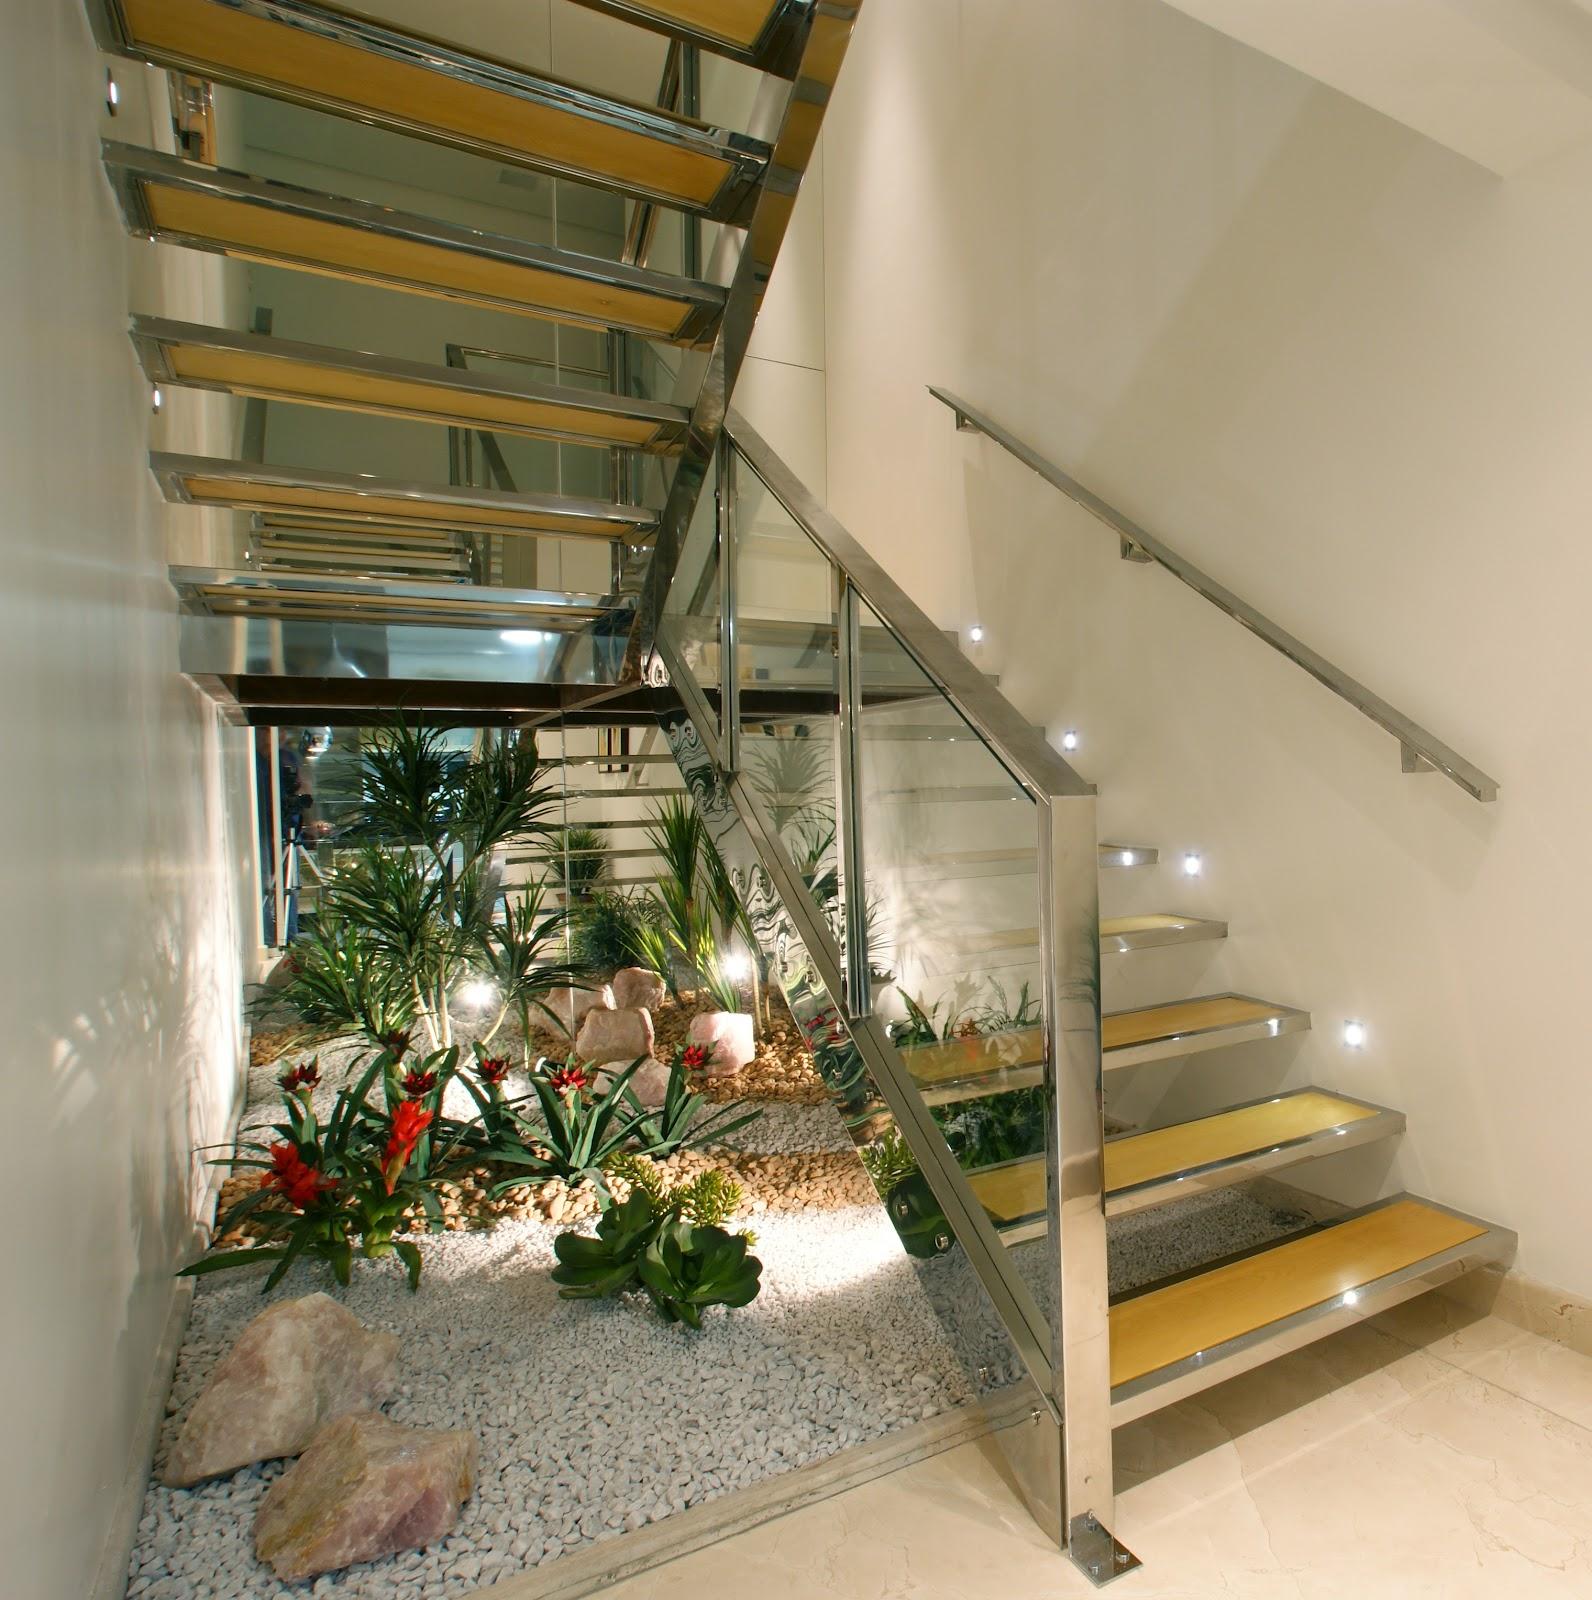 escada jardim madeira : escada jardim madeira:Escada em aço inox, madeira e vidro